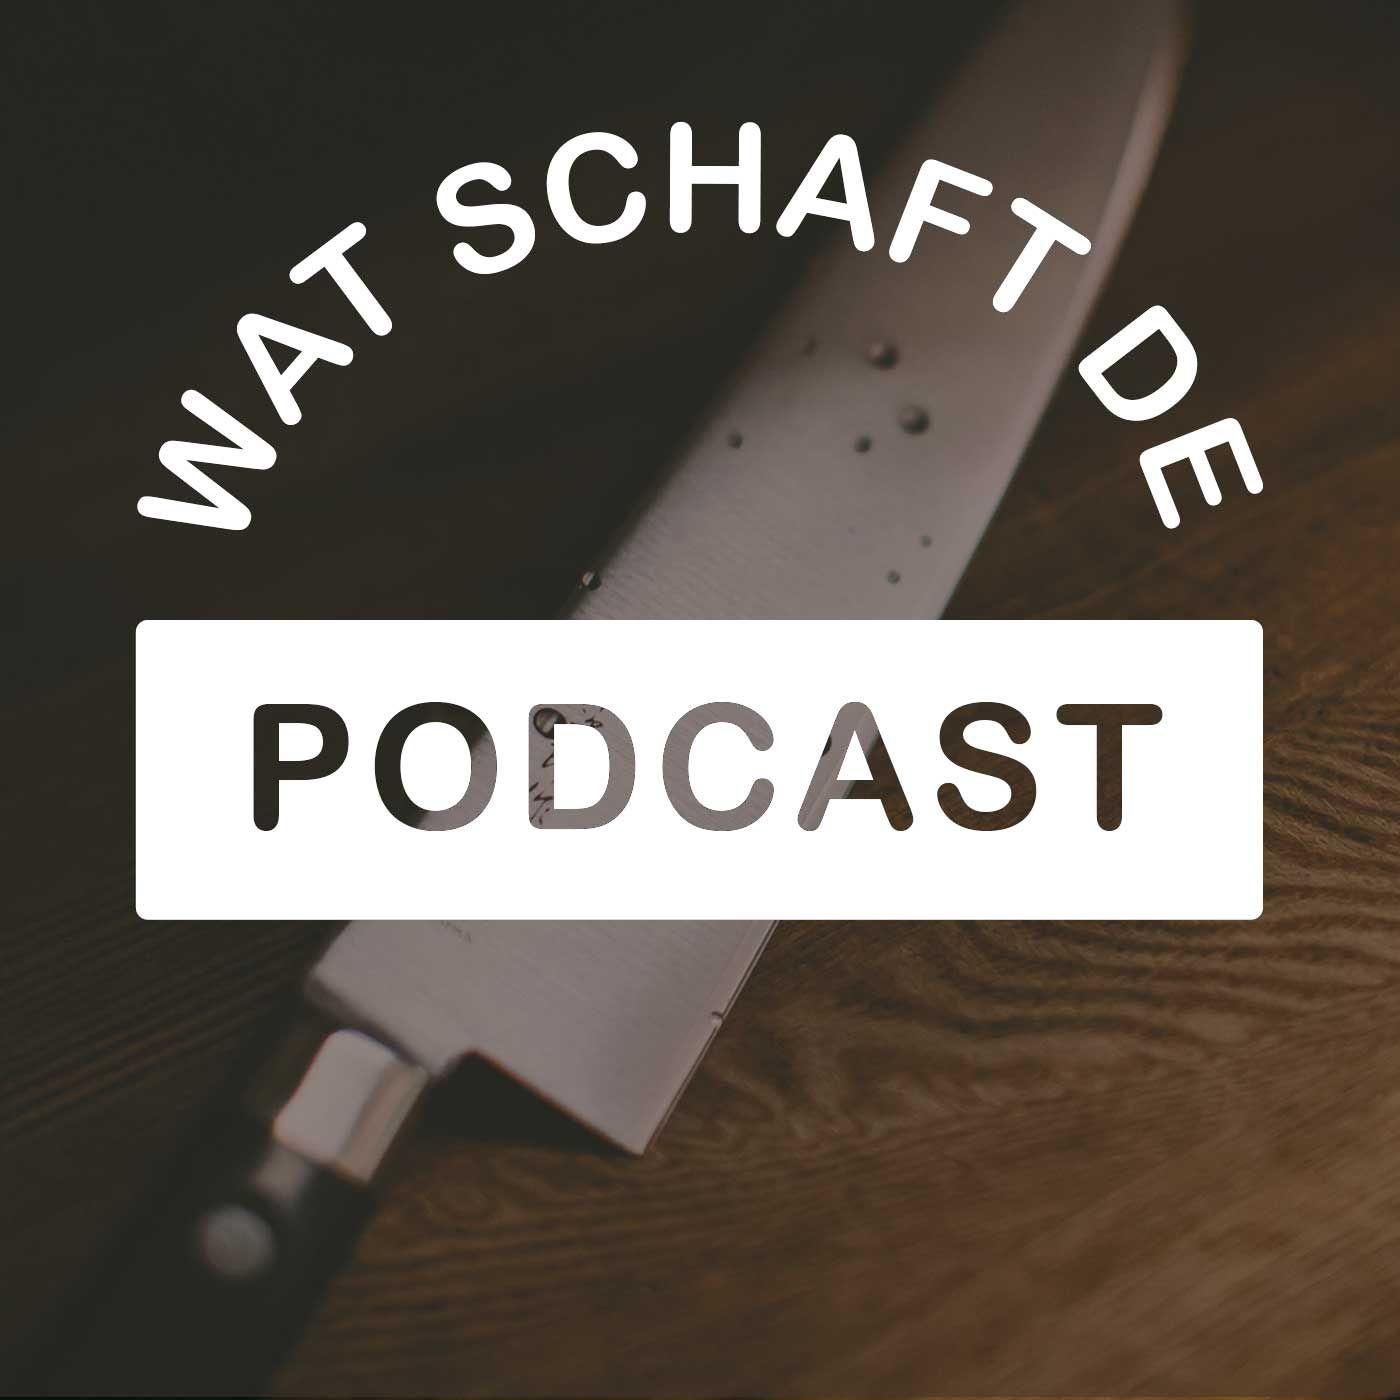 Wat Schaft de Podcast logo